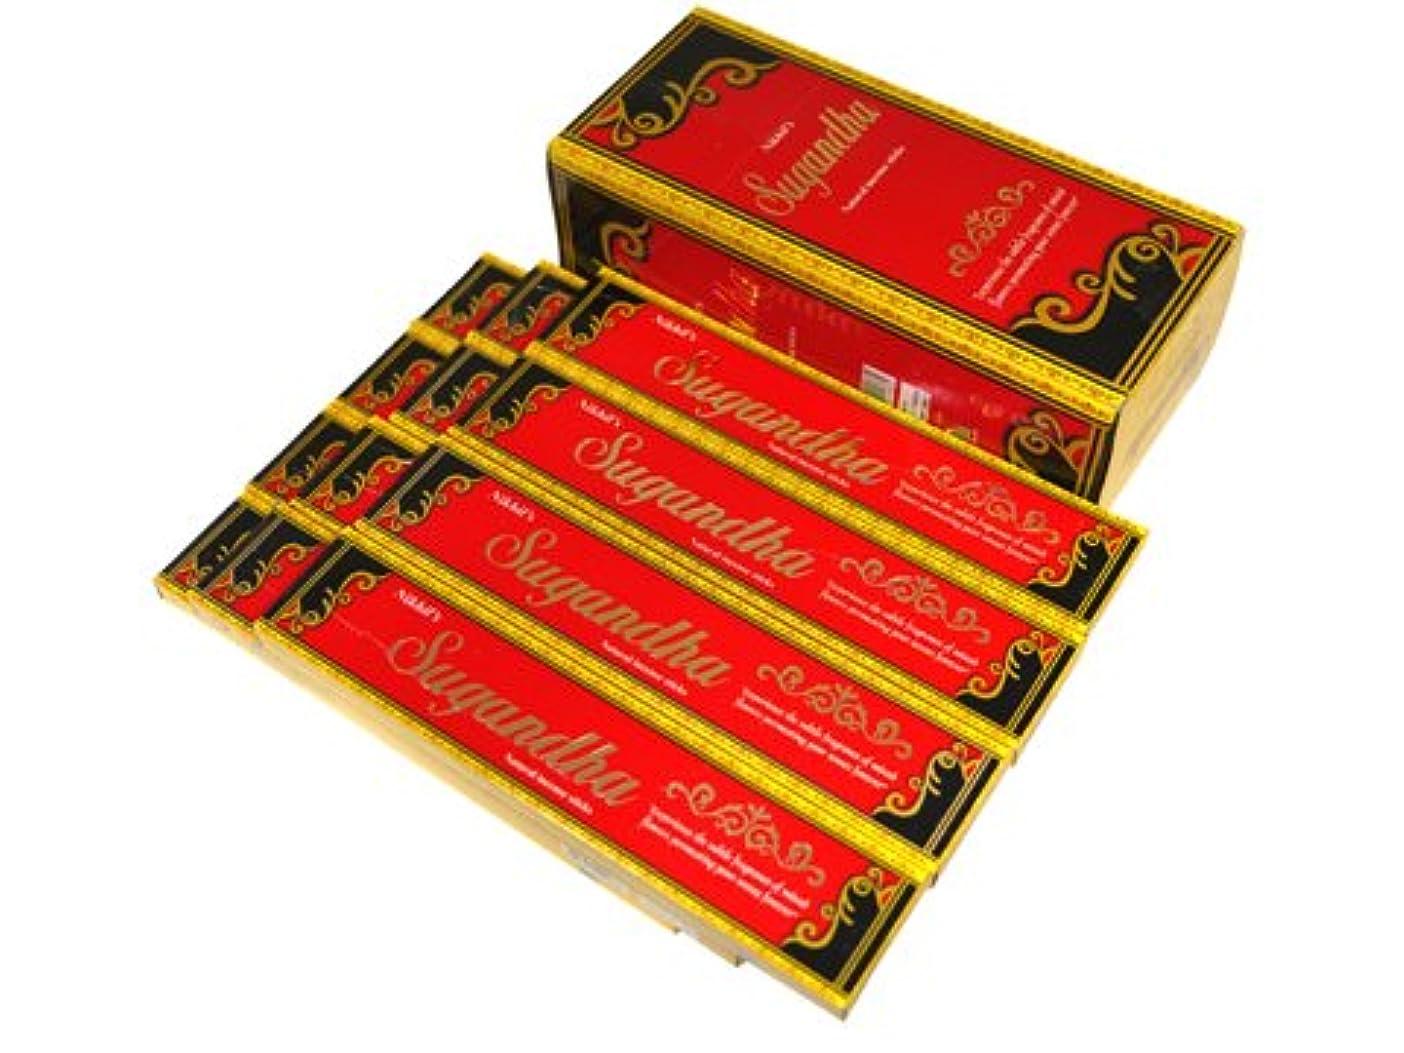 養う明らかに強制的NIKHIL'S(ニキルズ) SUGANDHA スガンダ香 スティック 12箱セット